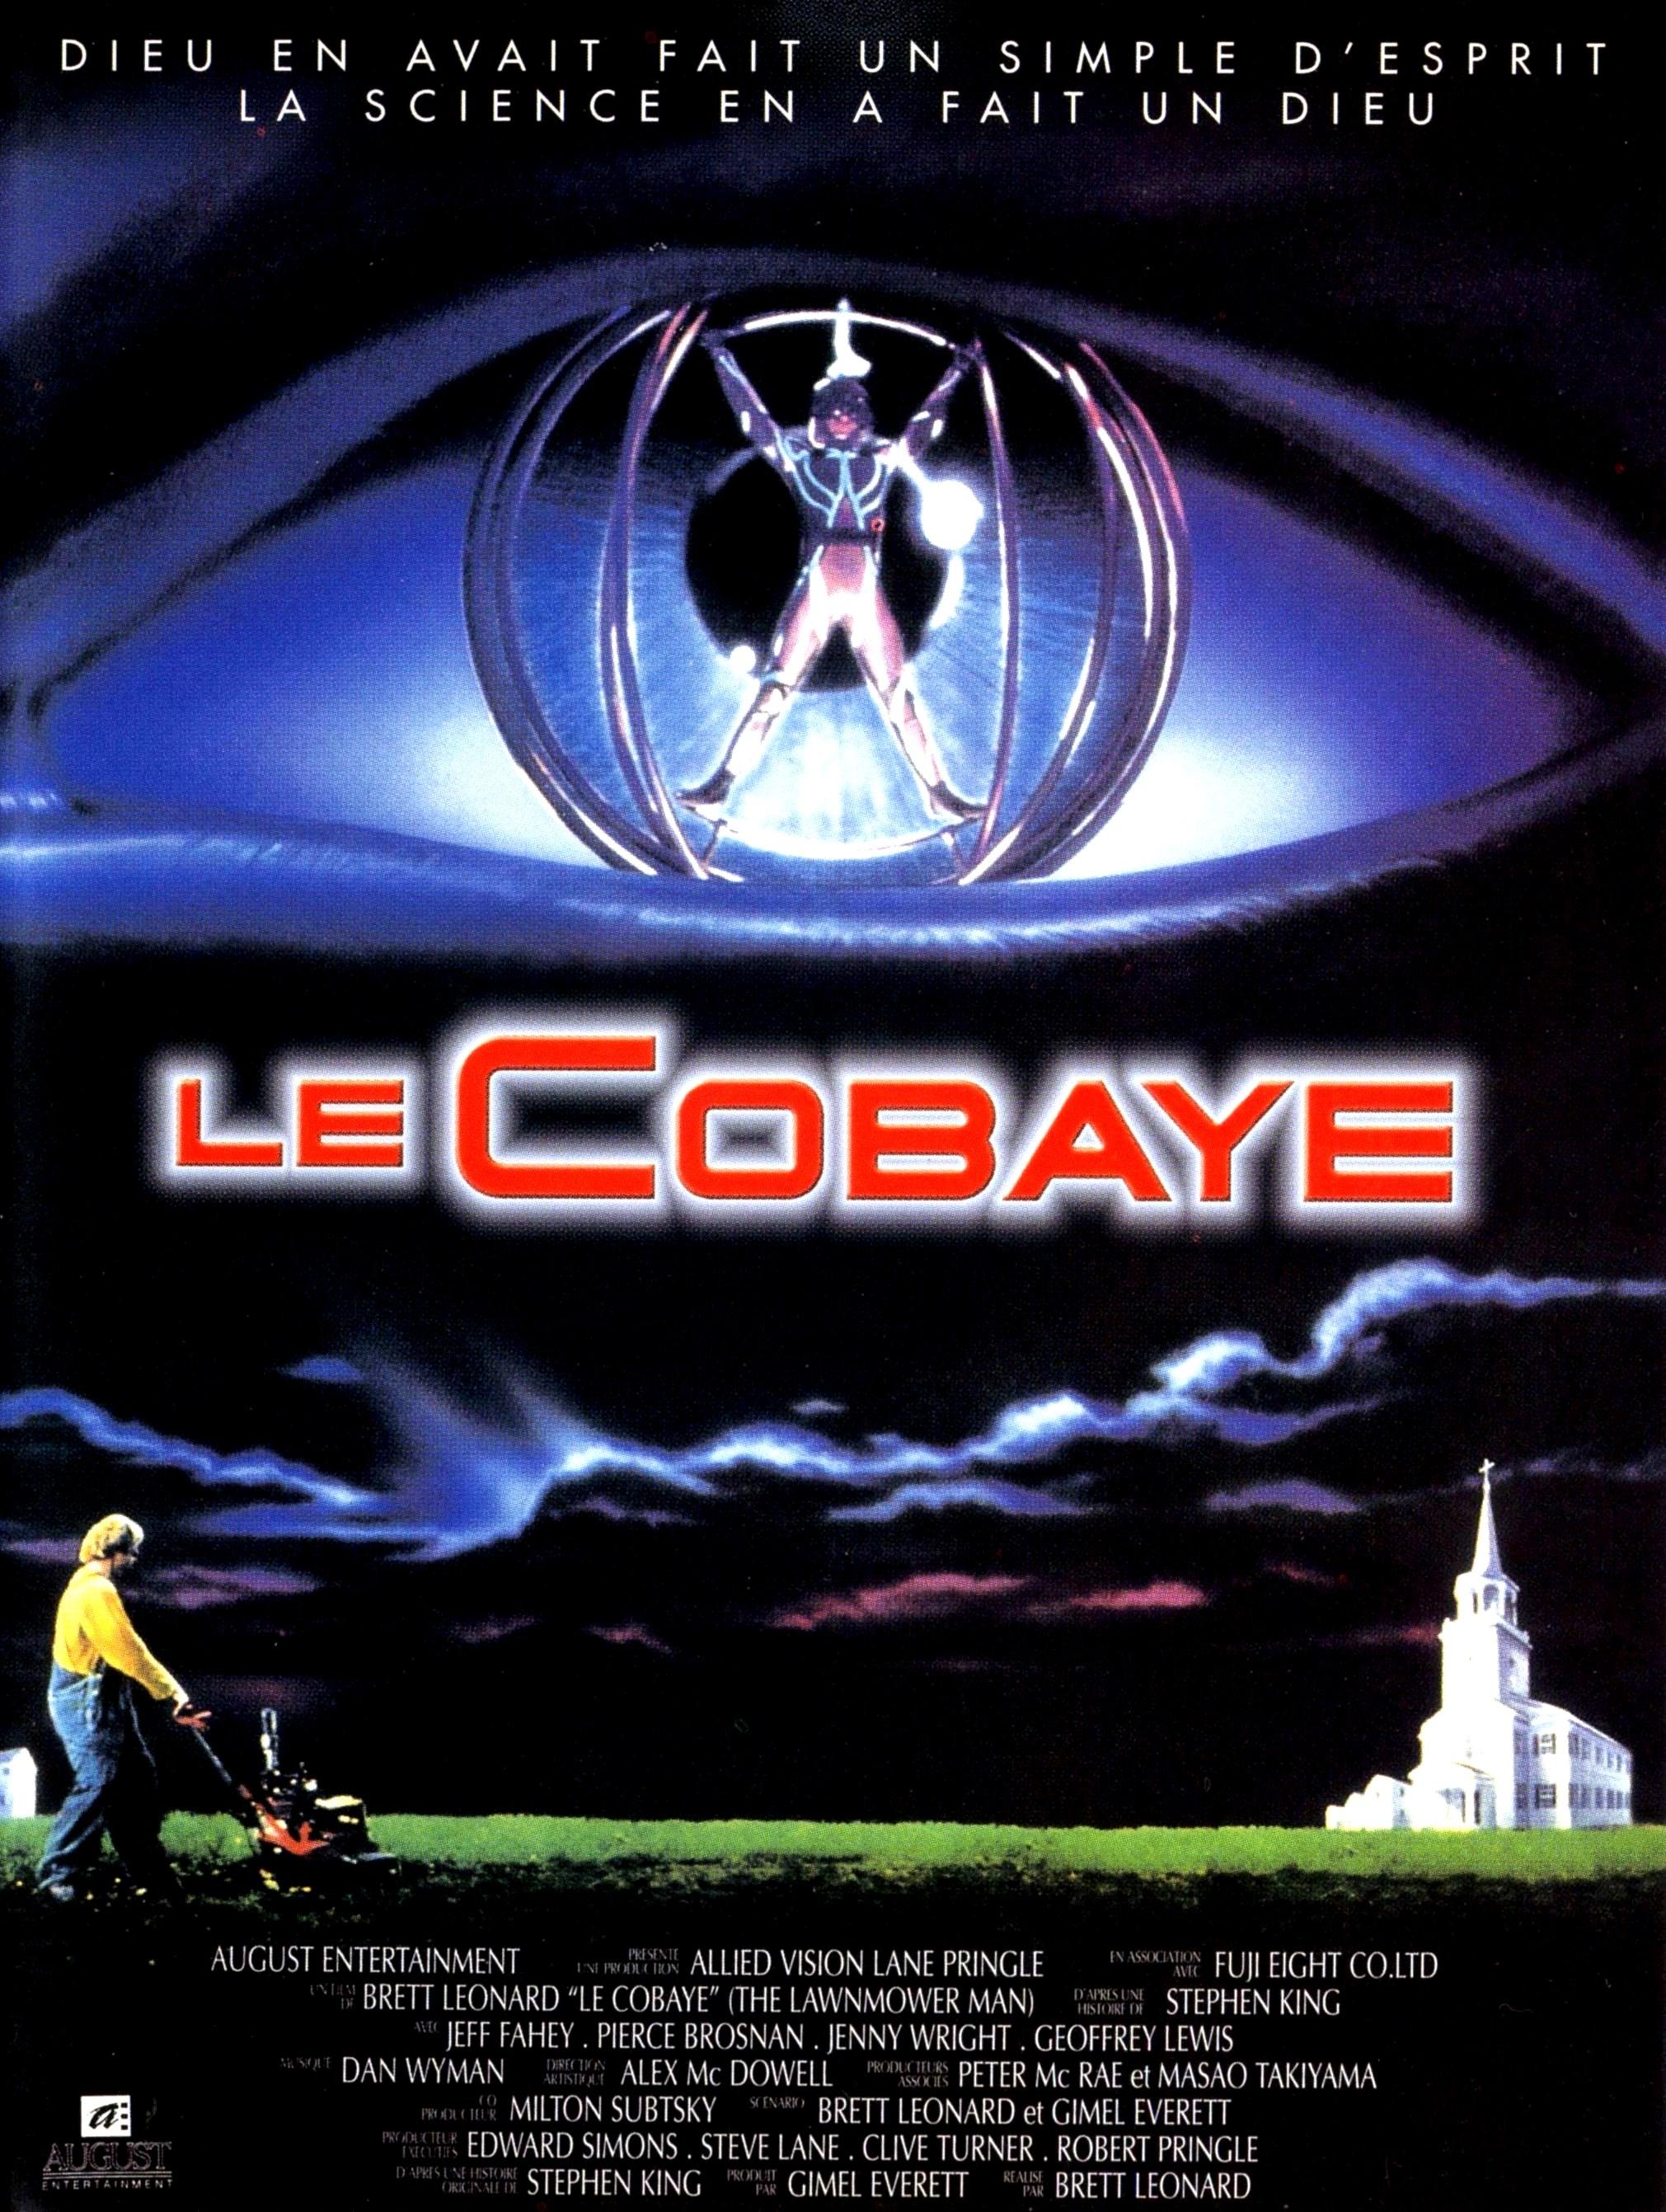 affiche du film Le cobaye